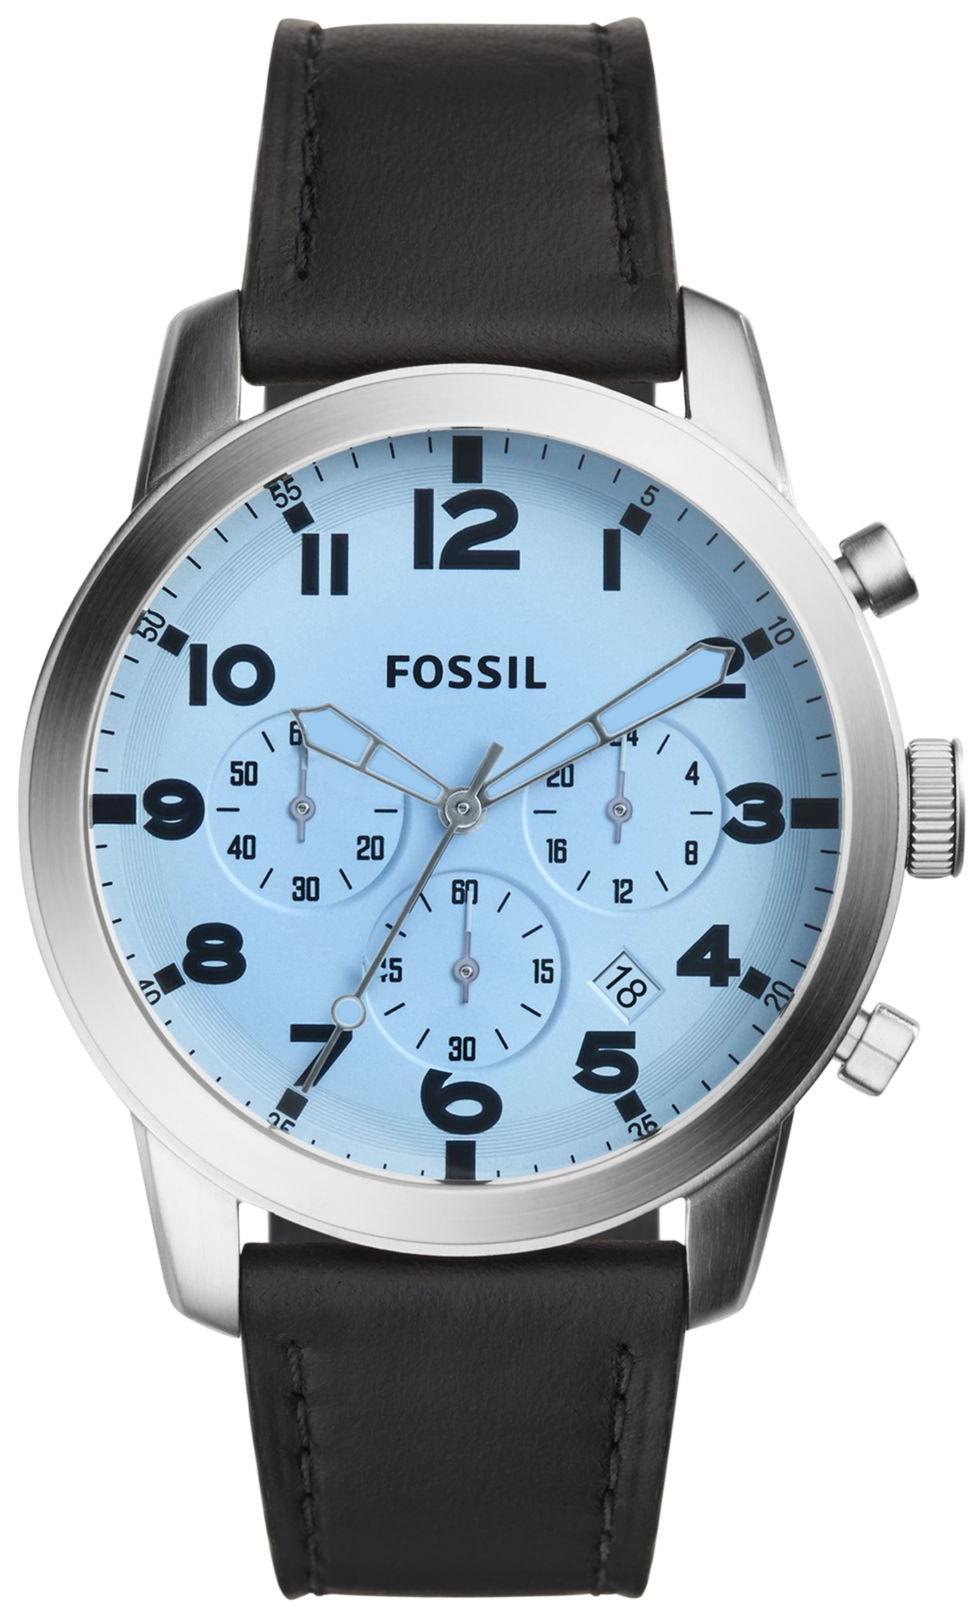 a9db60fbac1b5 Zegarek FOSSIL FS5162 - cena